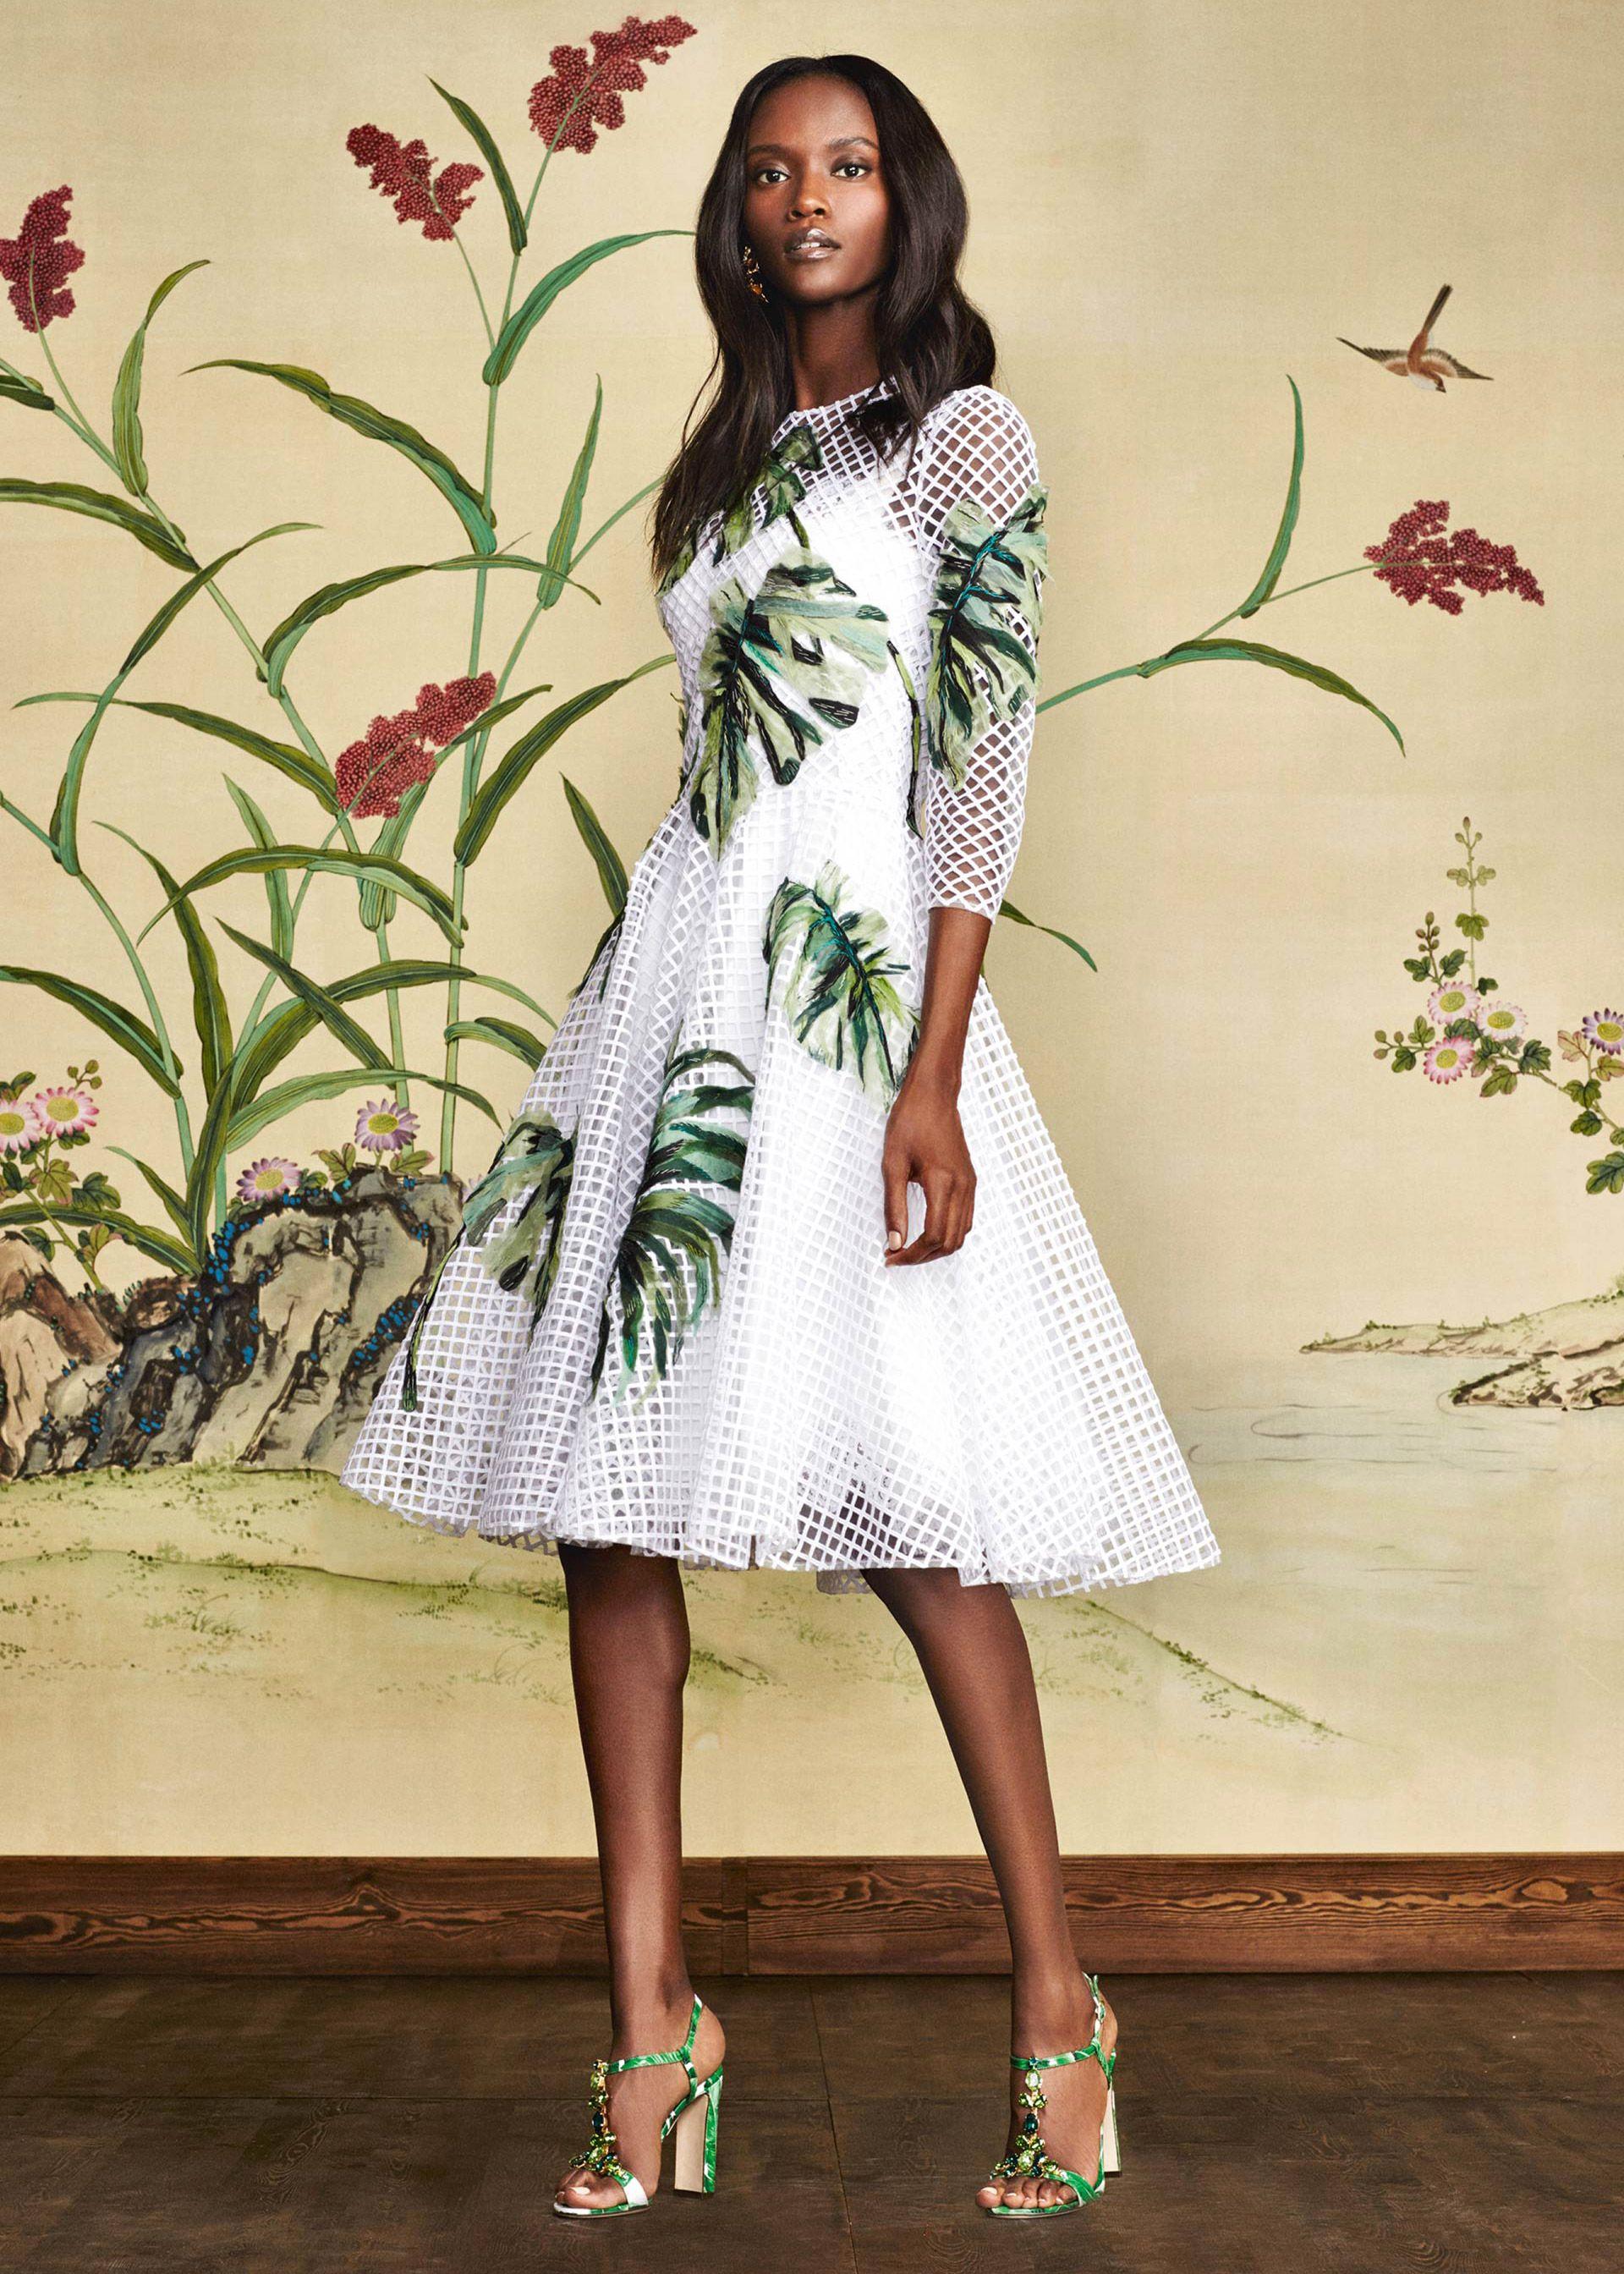 Scopri Dolce   Gabbana Collezione Donna Autunno Inverno 2016 2017 Giardino  Botanico e lasciati ispirare. 94040403bbc